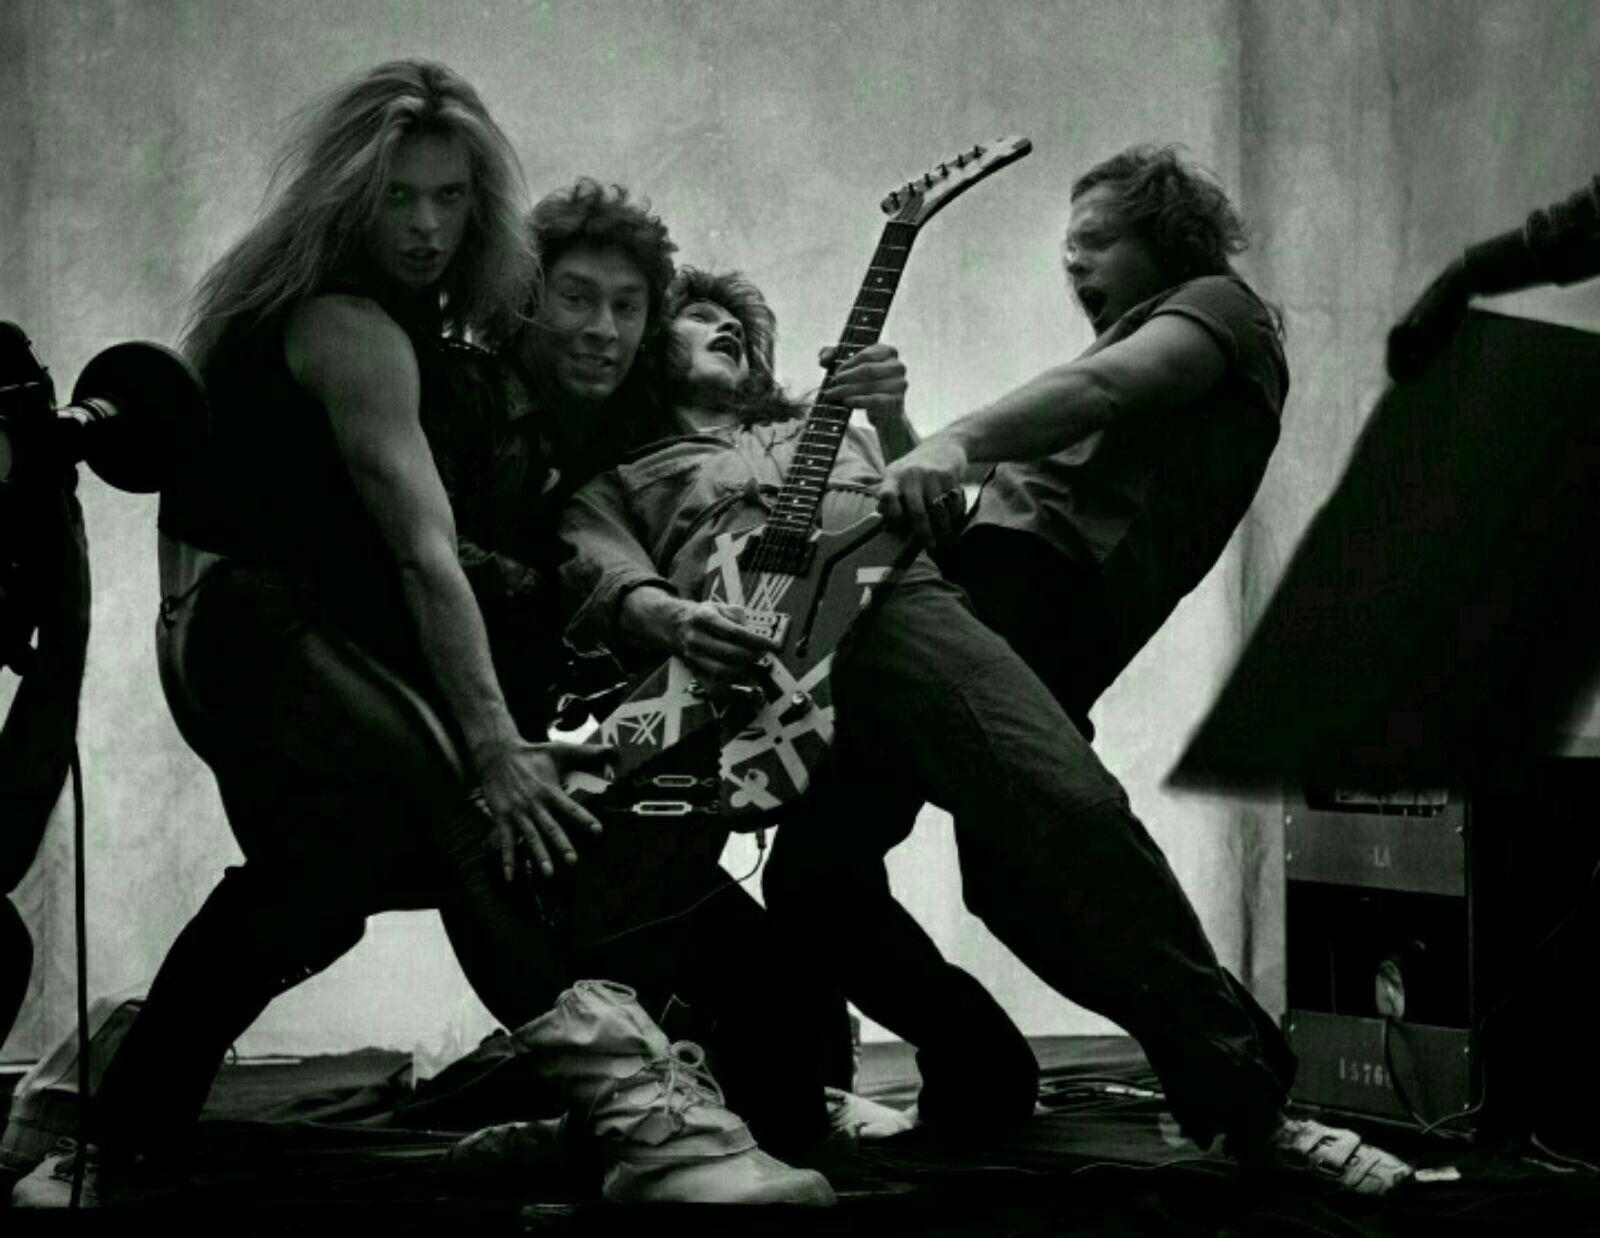 One Of The Best Rock Photos Ever Van Halen Van Halen Eddie Van Halen Alex Van Halen